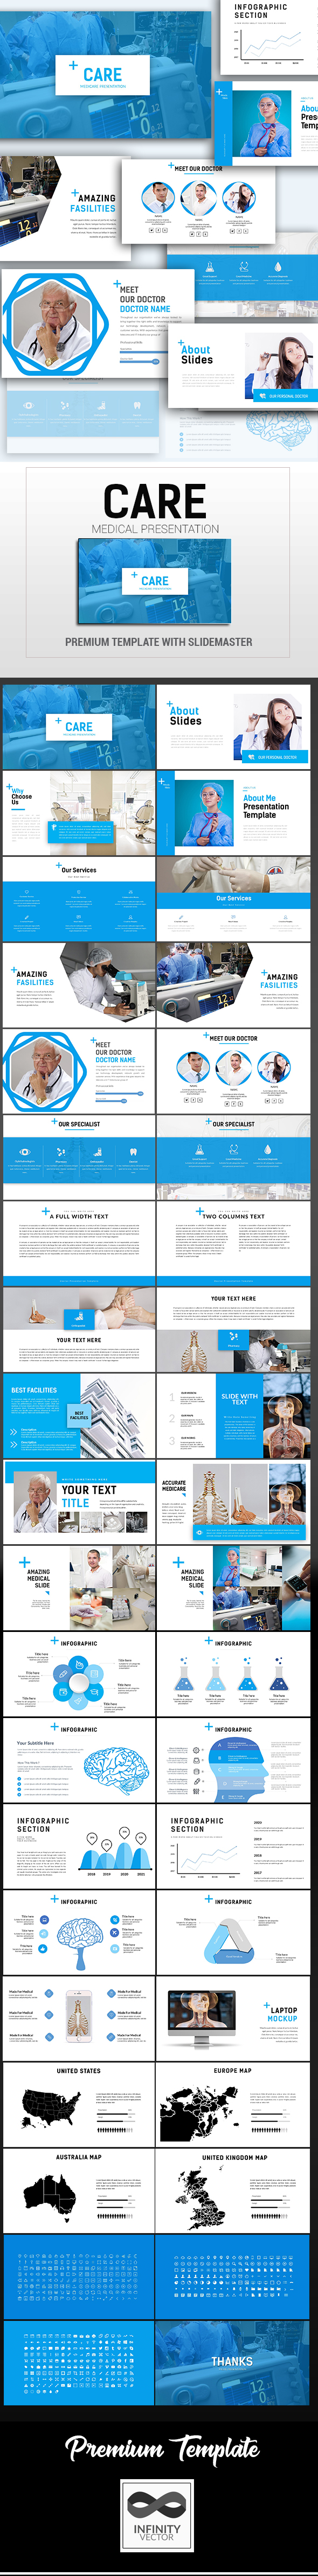 Care Medical Presentation Google Slide - Google Slides Presentation Templates